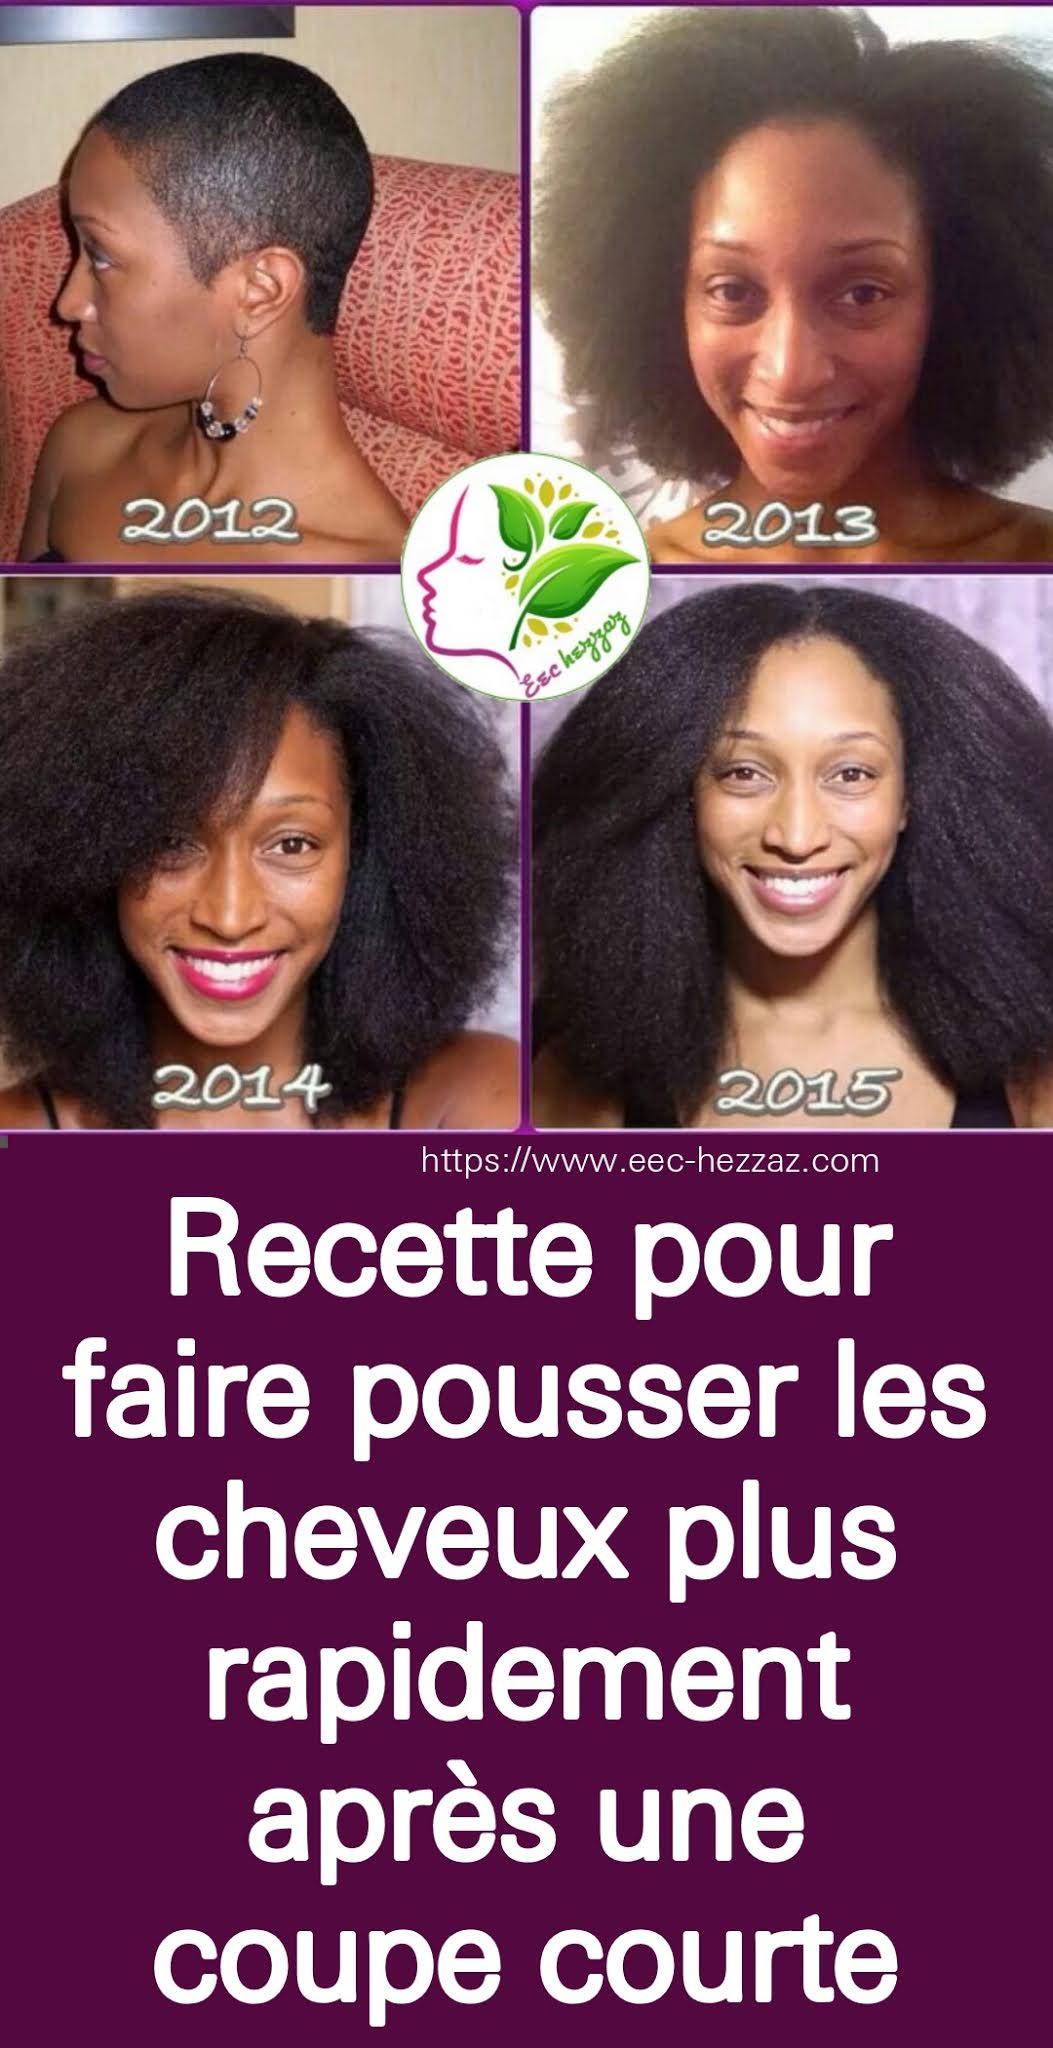 Recette pour faire pousser les cheveux plus rapidement après une coupe courte